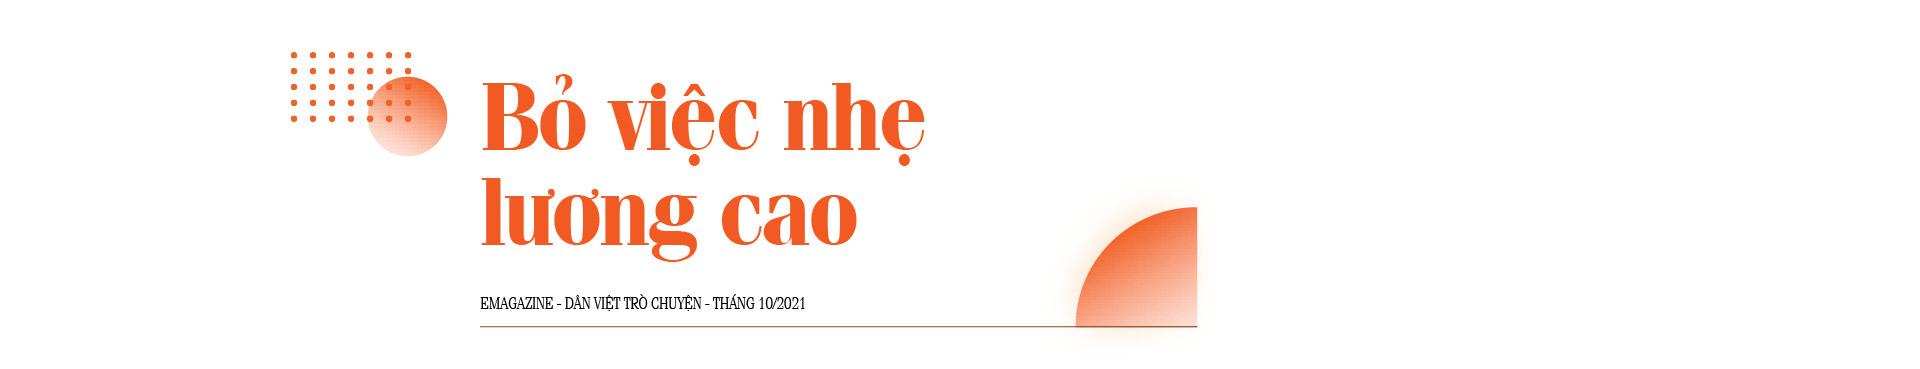 """Tỷ phú Nông dân Việt Nam xuất sắc 2021 Nguyễn Thị Hồng: Hành trình chinh phục  """"vàng mềm"""" siêu đắt đỏ  - Ảnh 3."""